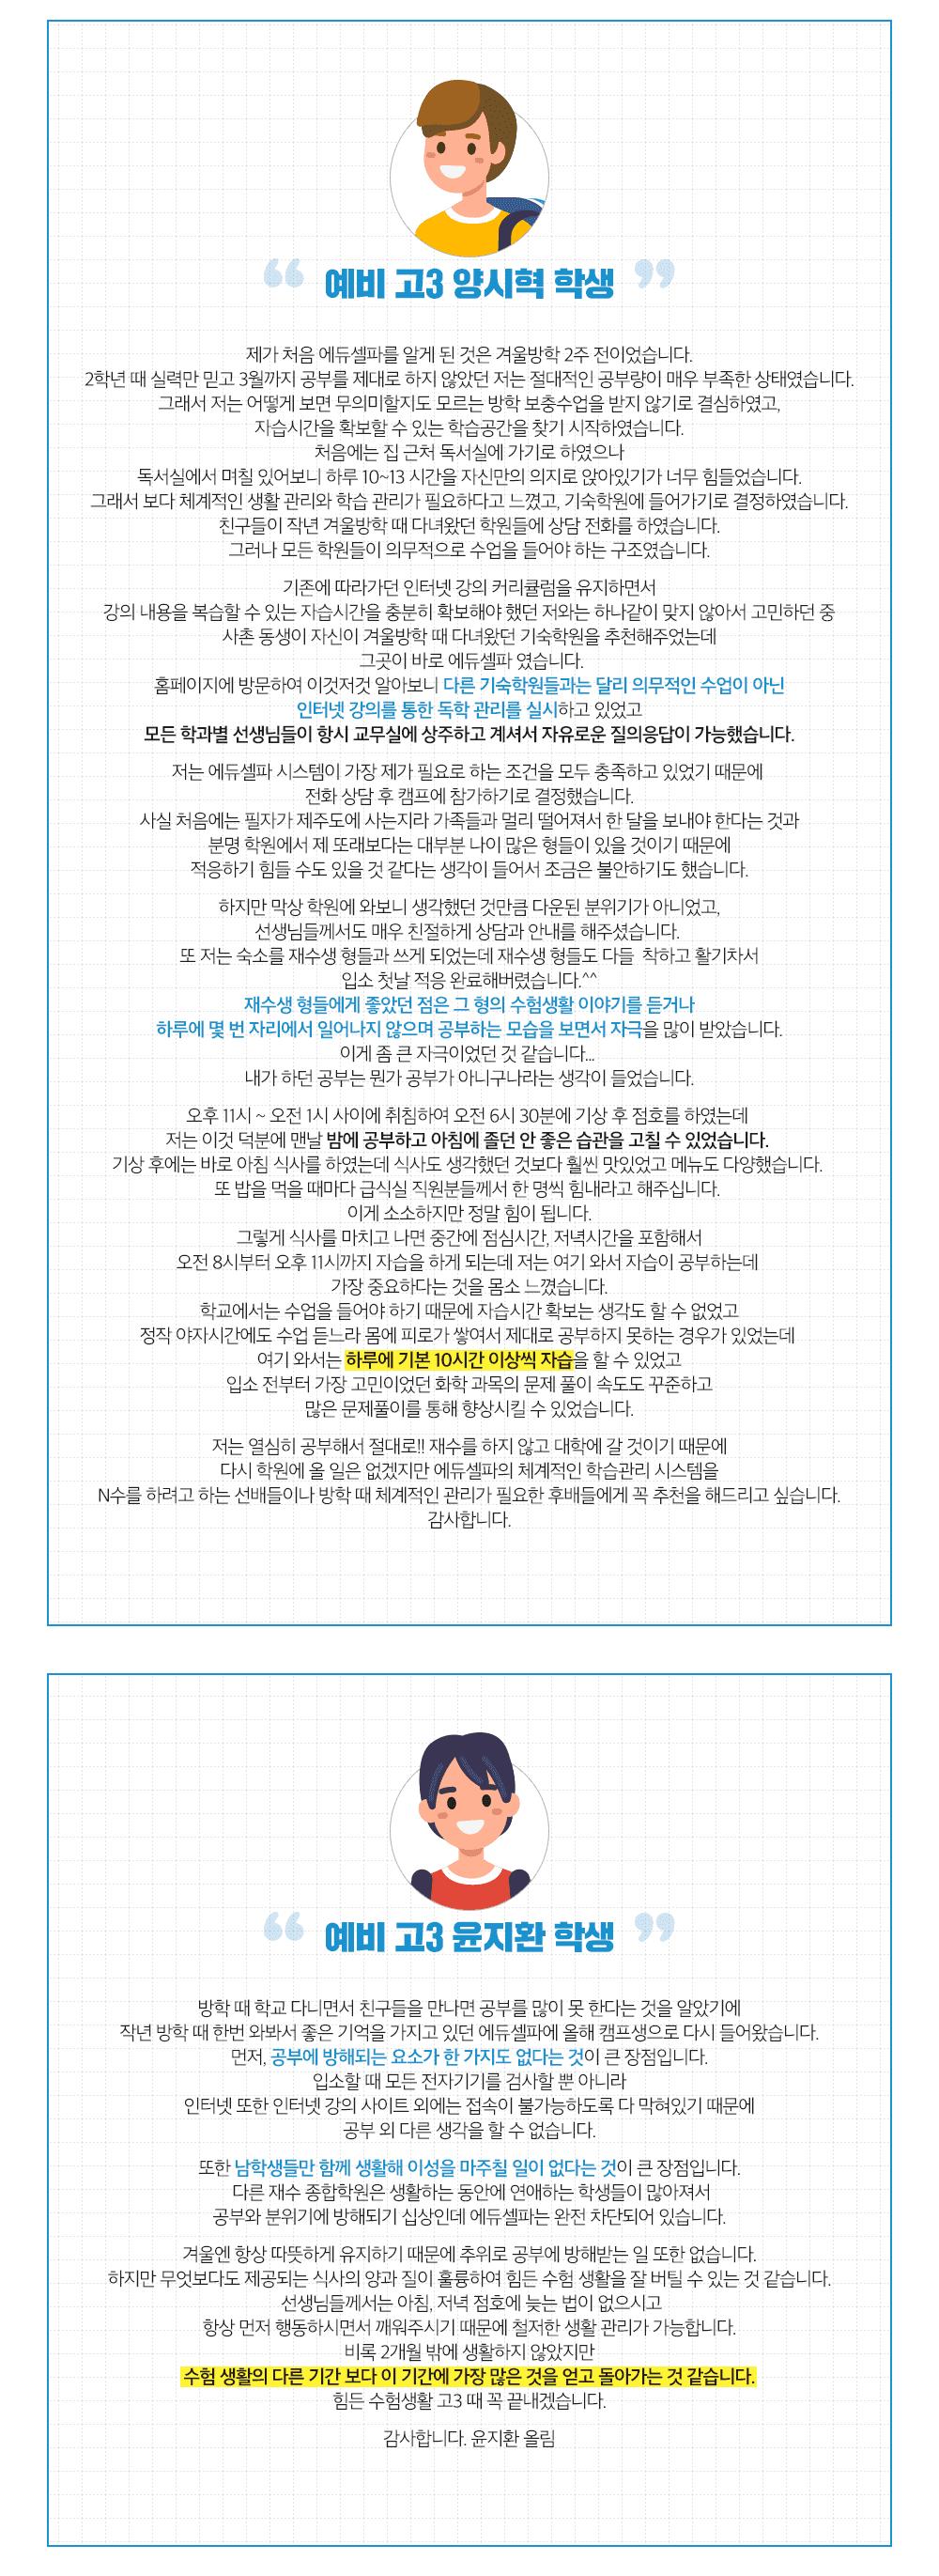 2019 윈터스쿨 후기 2